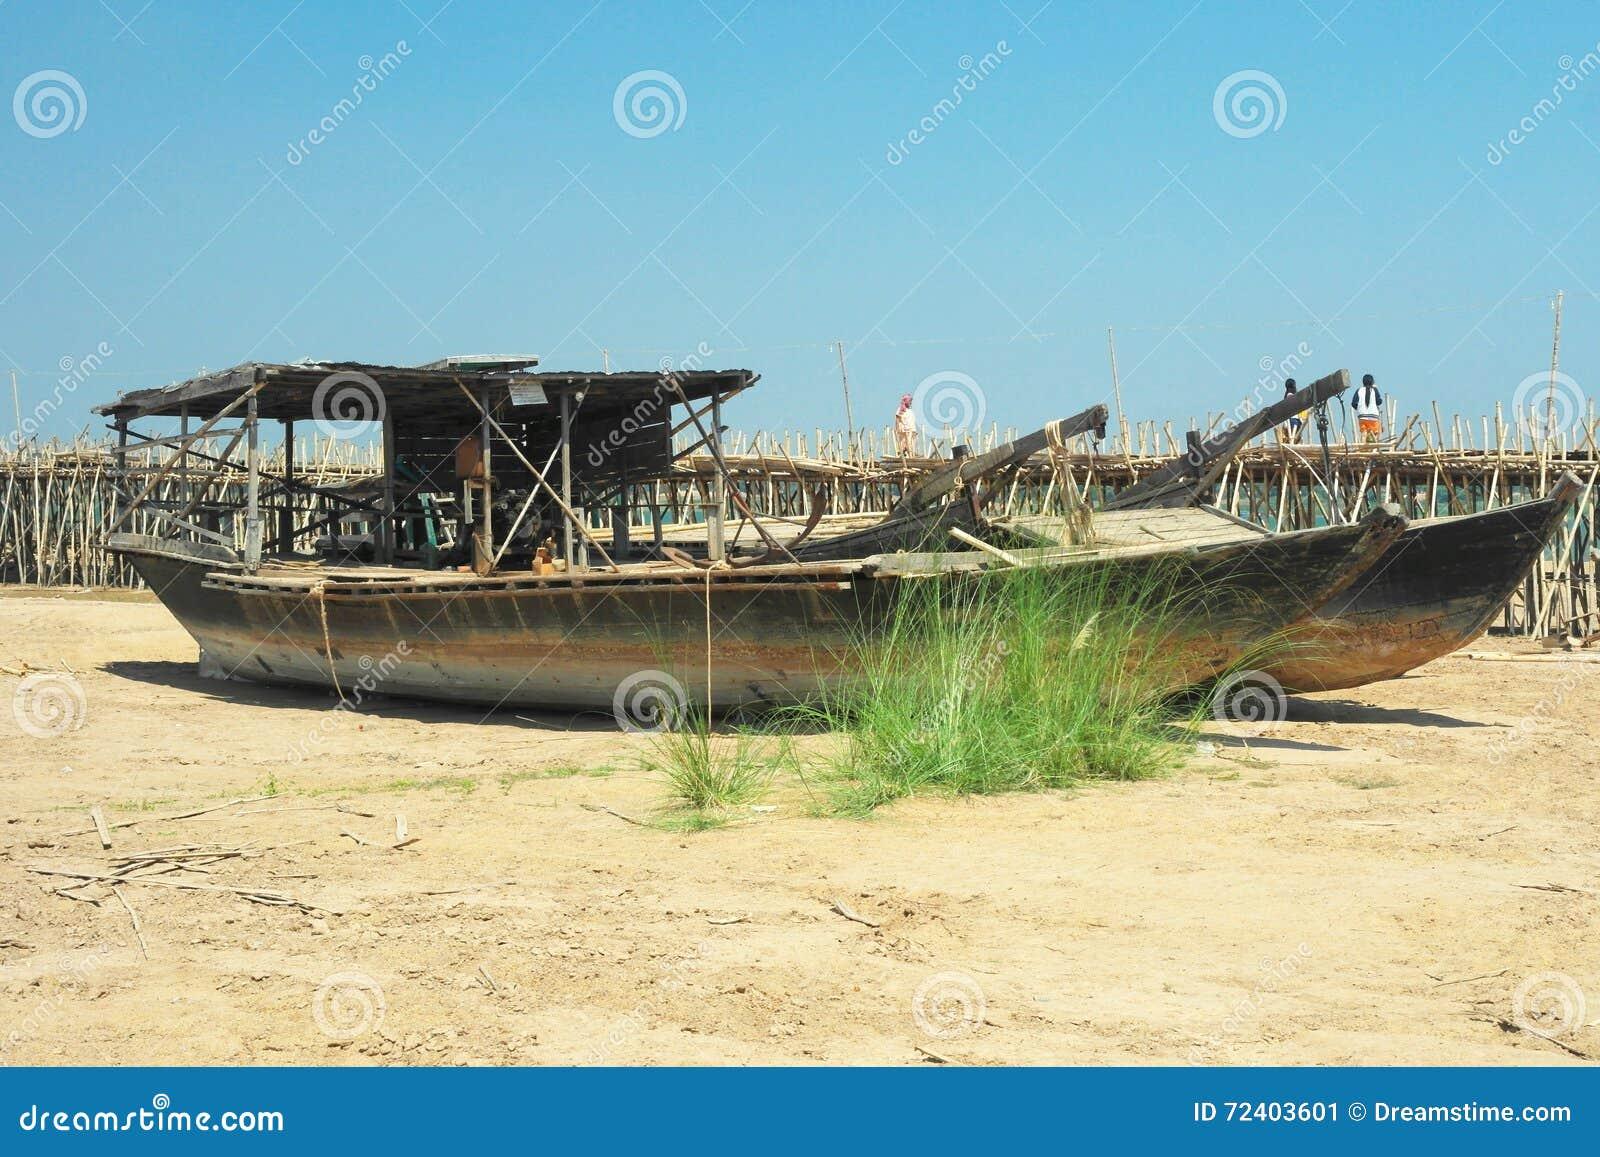 Woden-Boote auf dem Strand